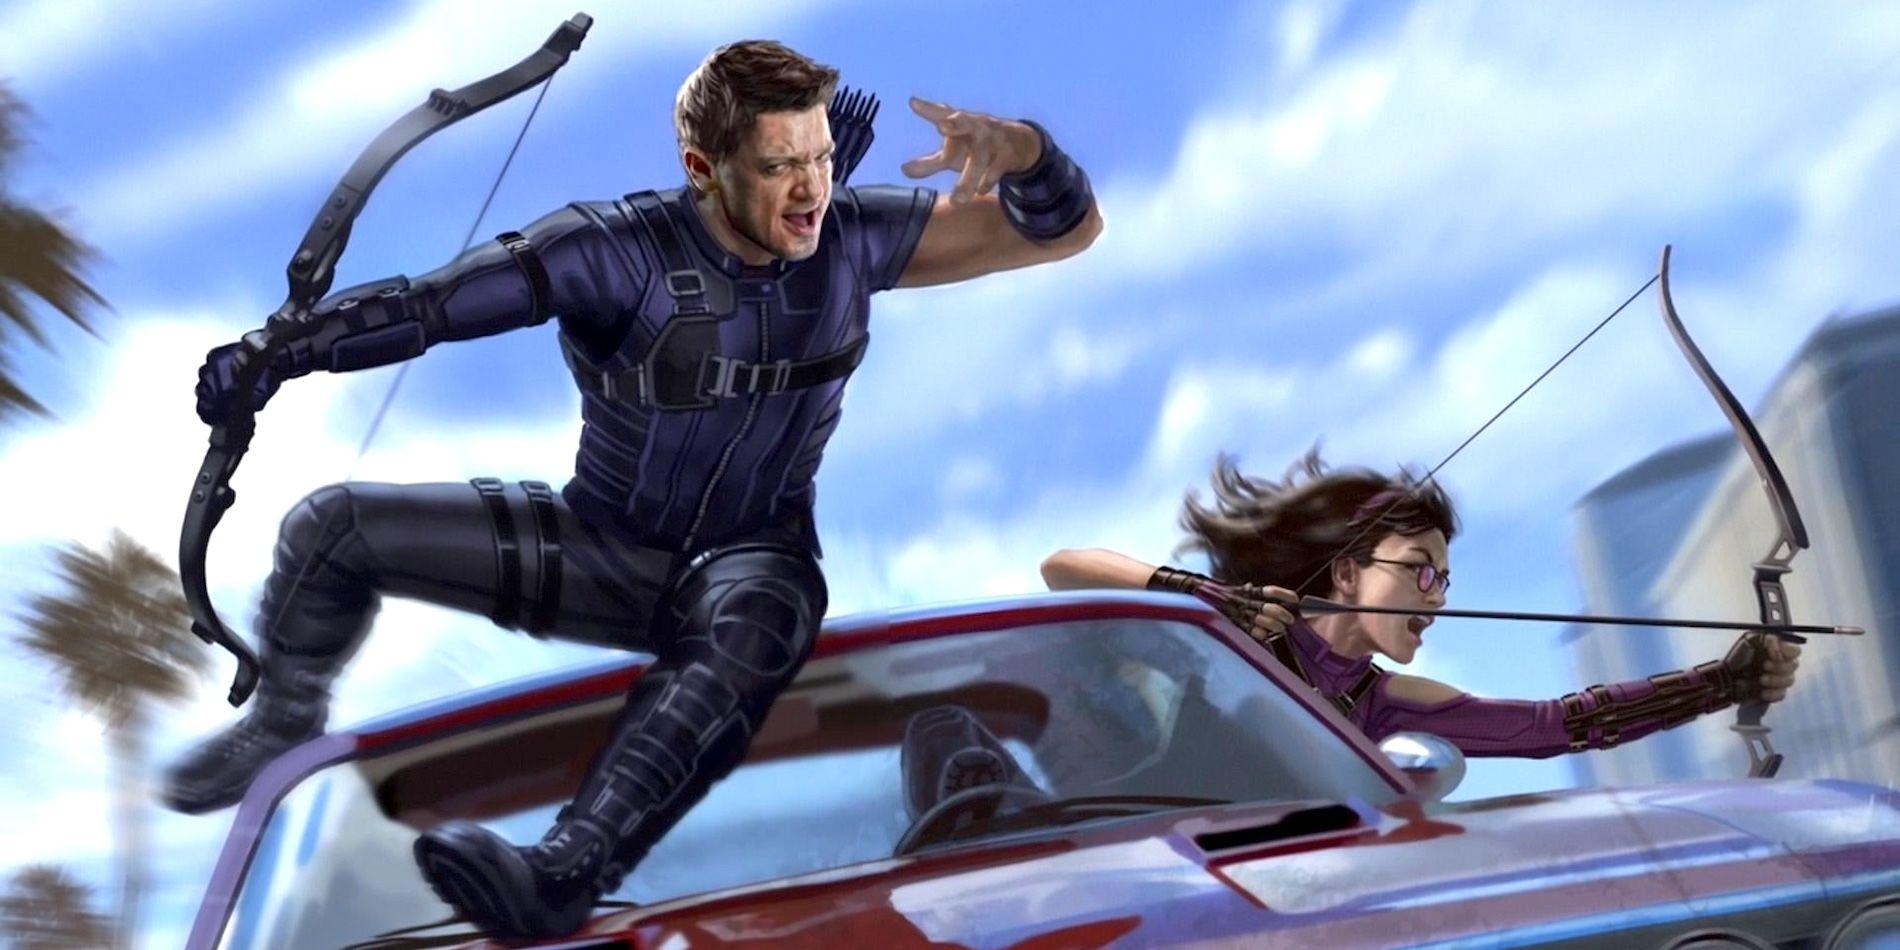 Hawkeye: Disney Adds Directors to Helm Episodes of Disney+ Series